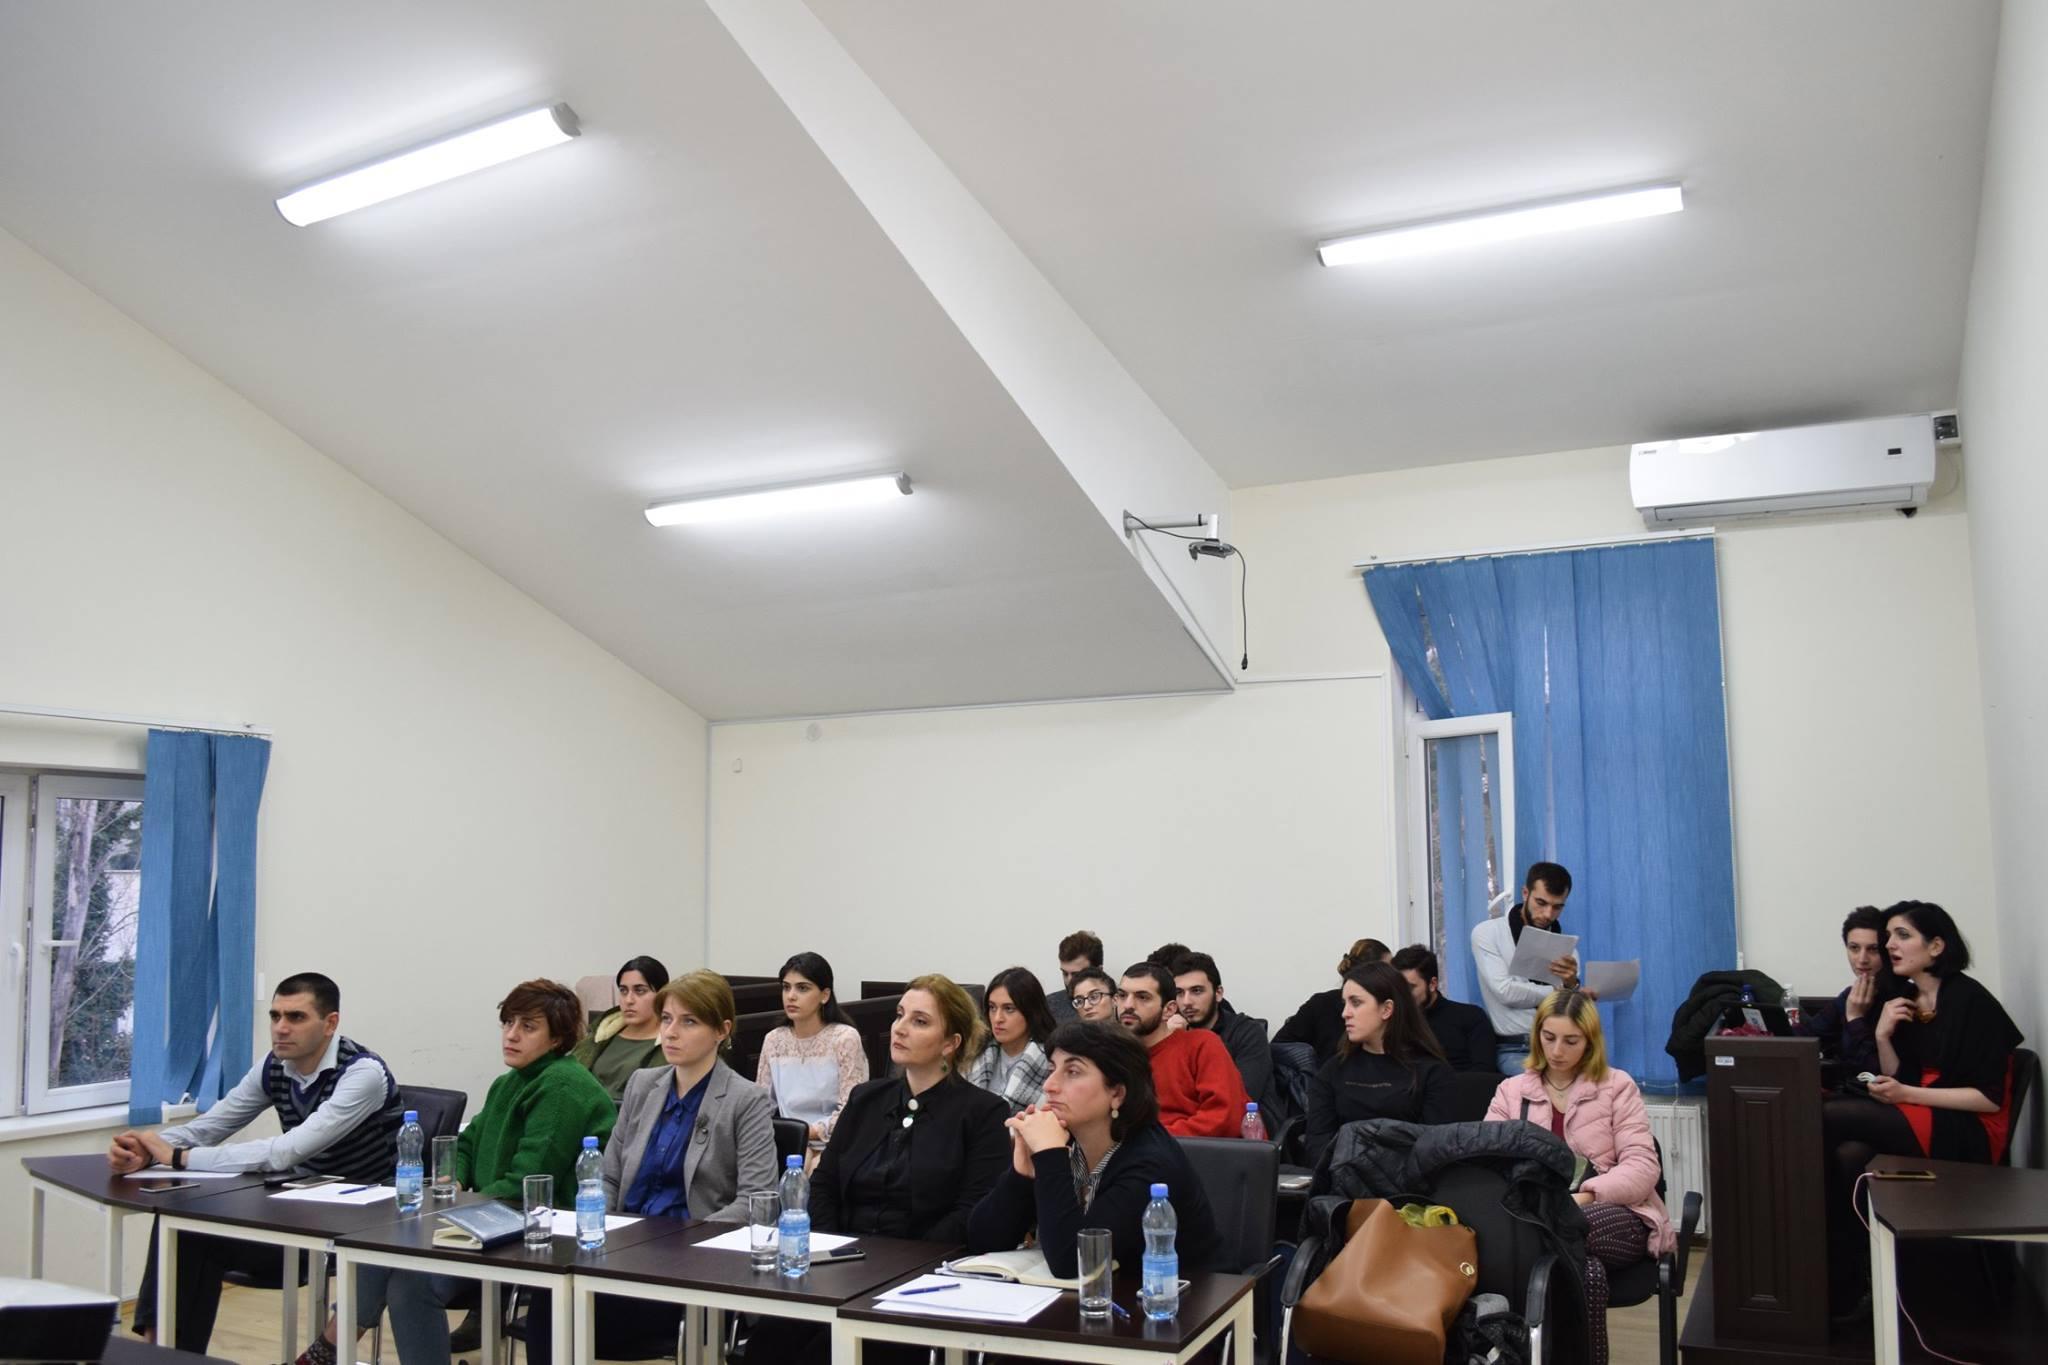 ბიზნესისა და ტურიზმის ფაკულტეტის სტუდენტური კონფერენცია